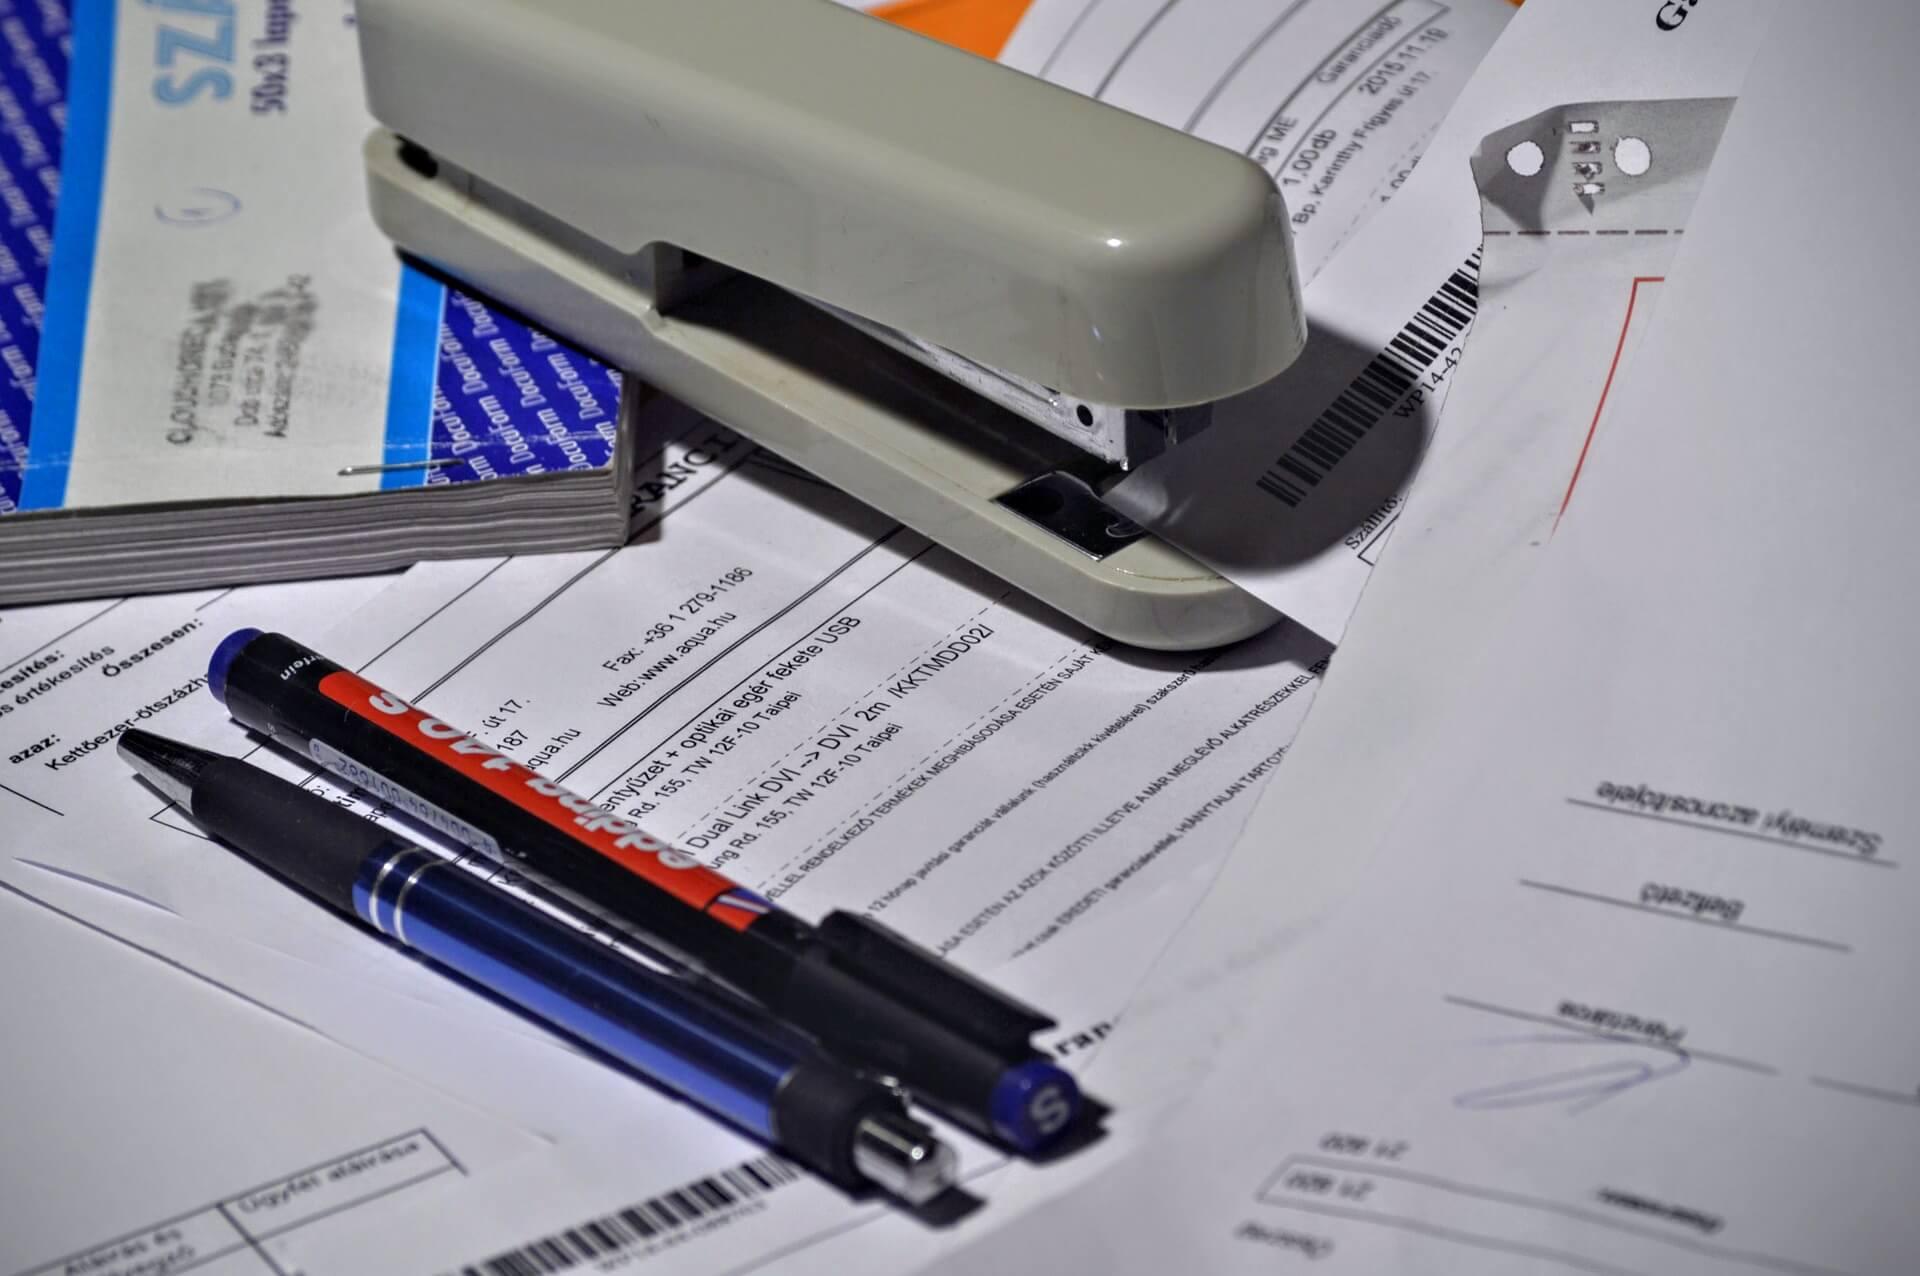 Justificatifs Temps Conserver Factures Fiscales De Liasses Et Combien IUOPx8qwI